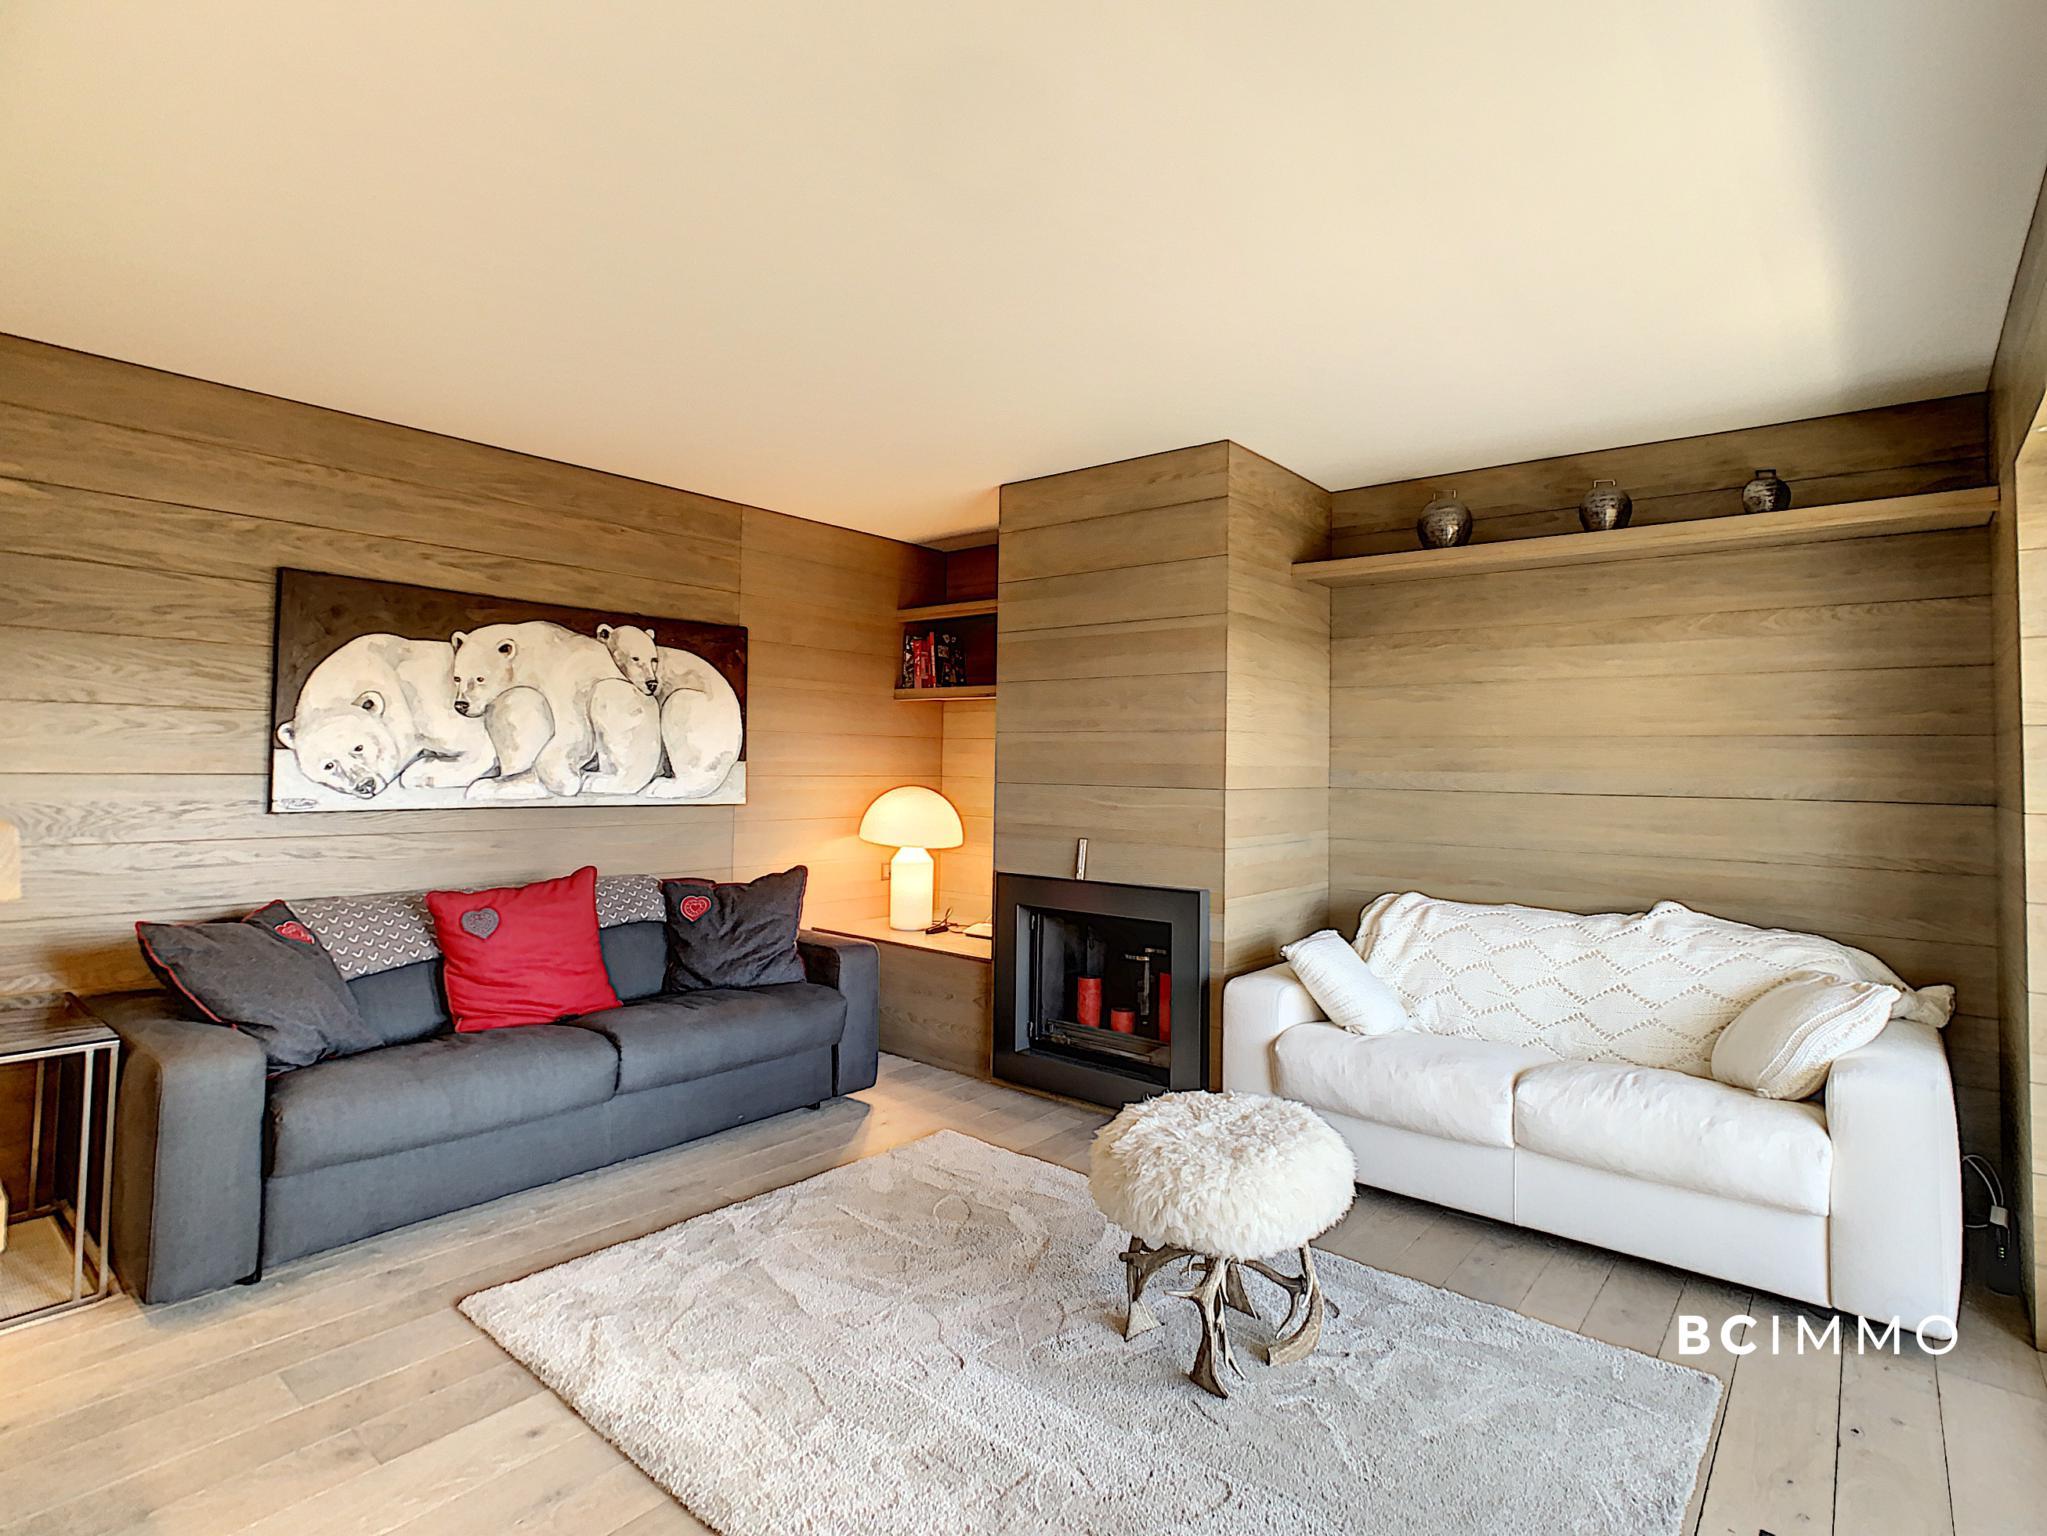 BC Immo - Magnifique appartement au pied des pistes  - GS3963CTZ